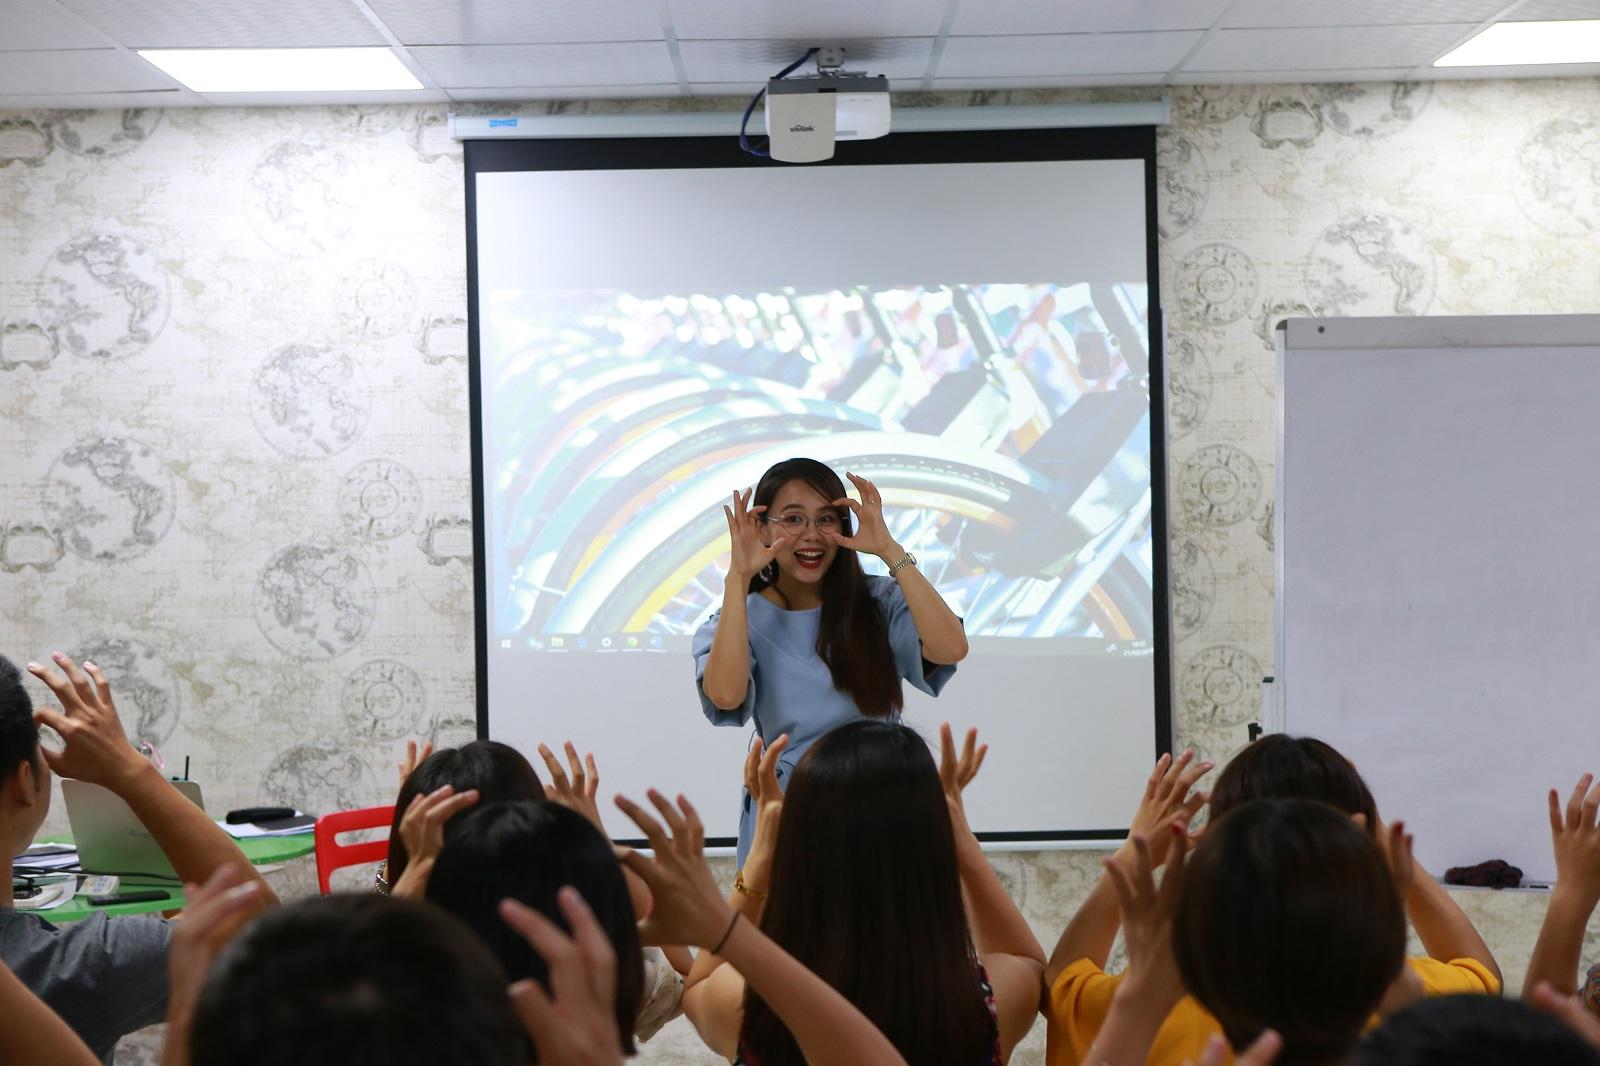 [Baodanang.vn] - Top 5 trung tâm tiếng Anh giao tiếp tại Đà Nẵng uy tín nhất